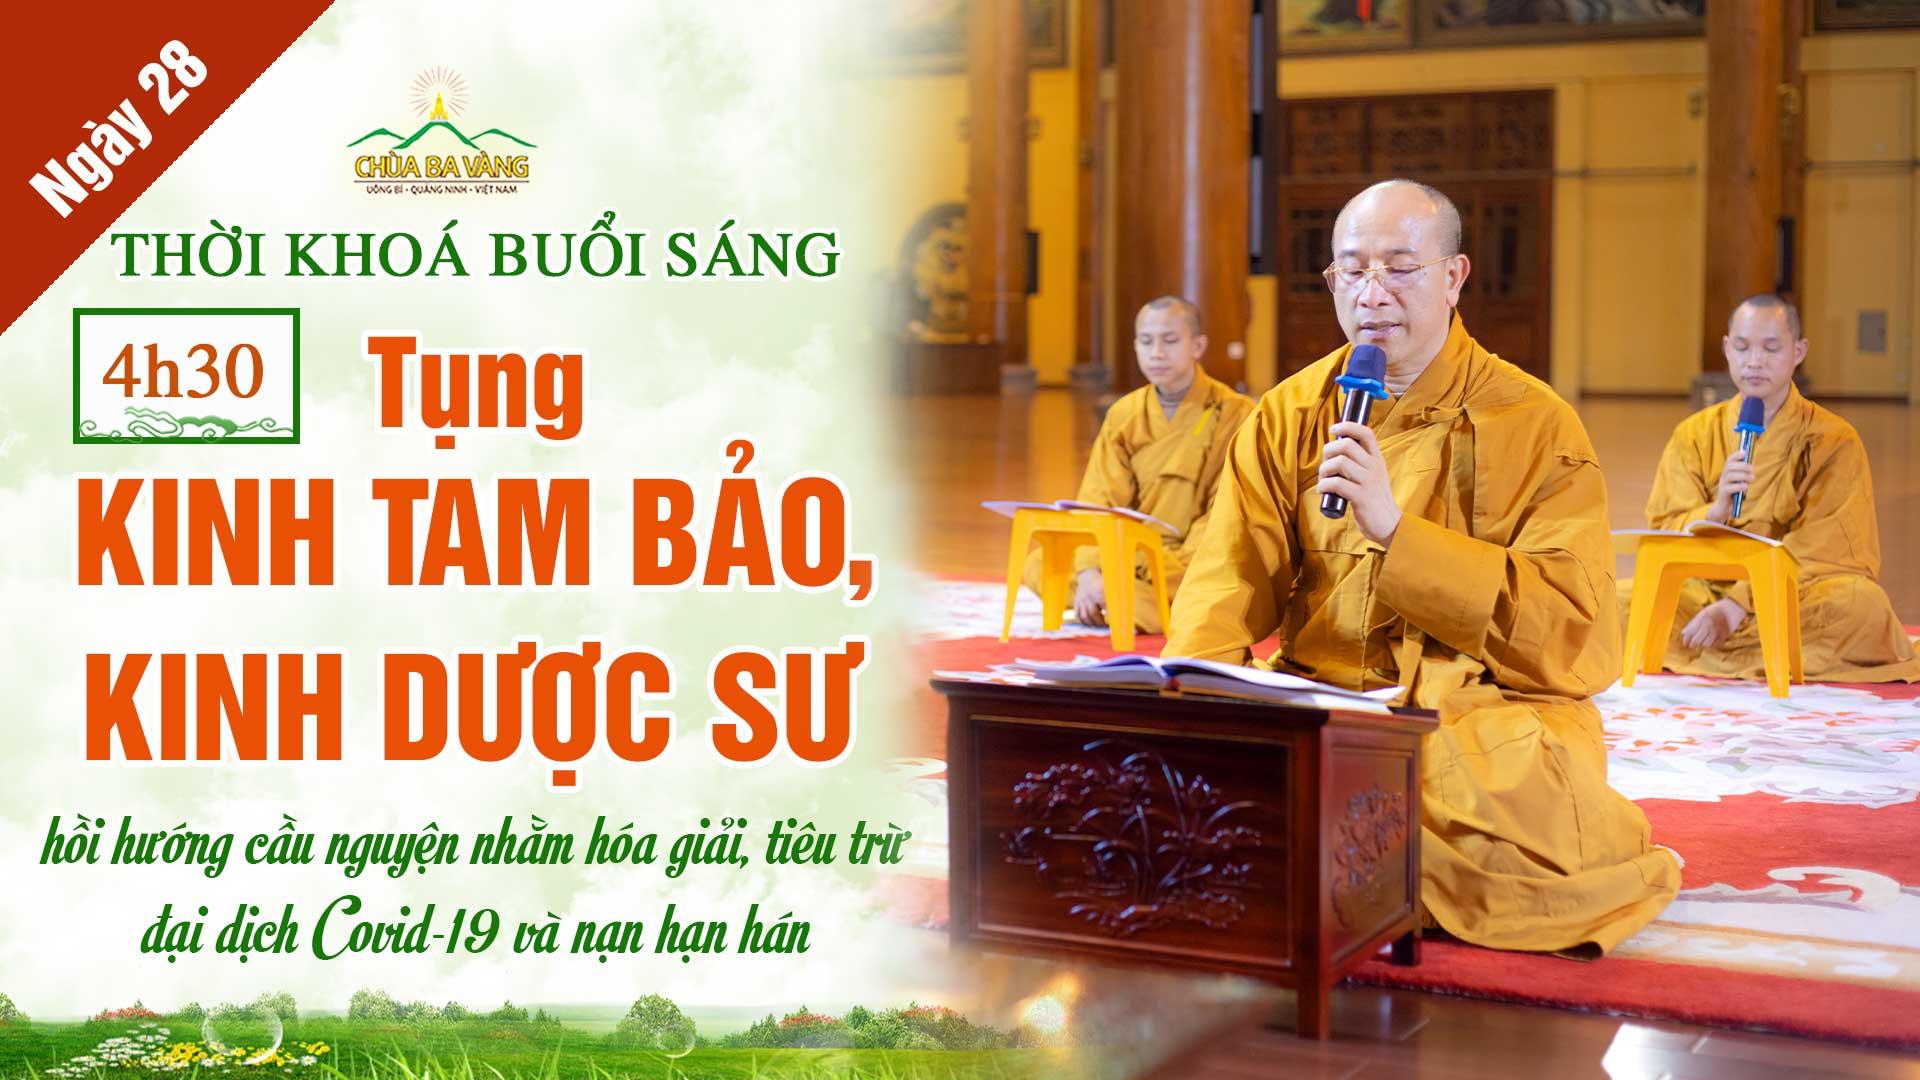 [Ngày 28 – Khóa lễ sáng] Chương trình dành cho Phật tử tu tập tại nhà hồi hướng cầu nguyện nhằm hóa giải, tiêu trừ đại dịch COVID-19 và nạn hạn hán